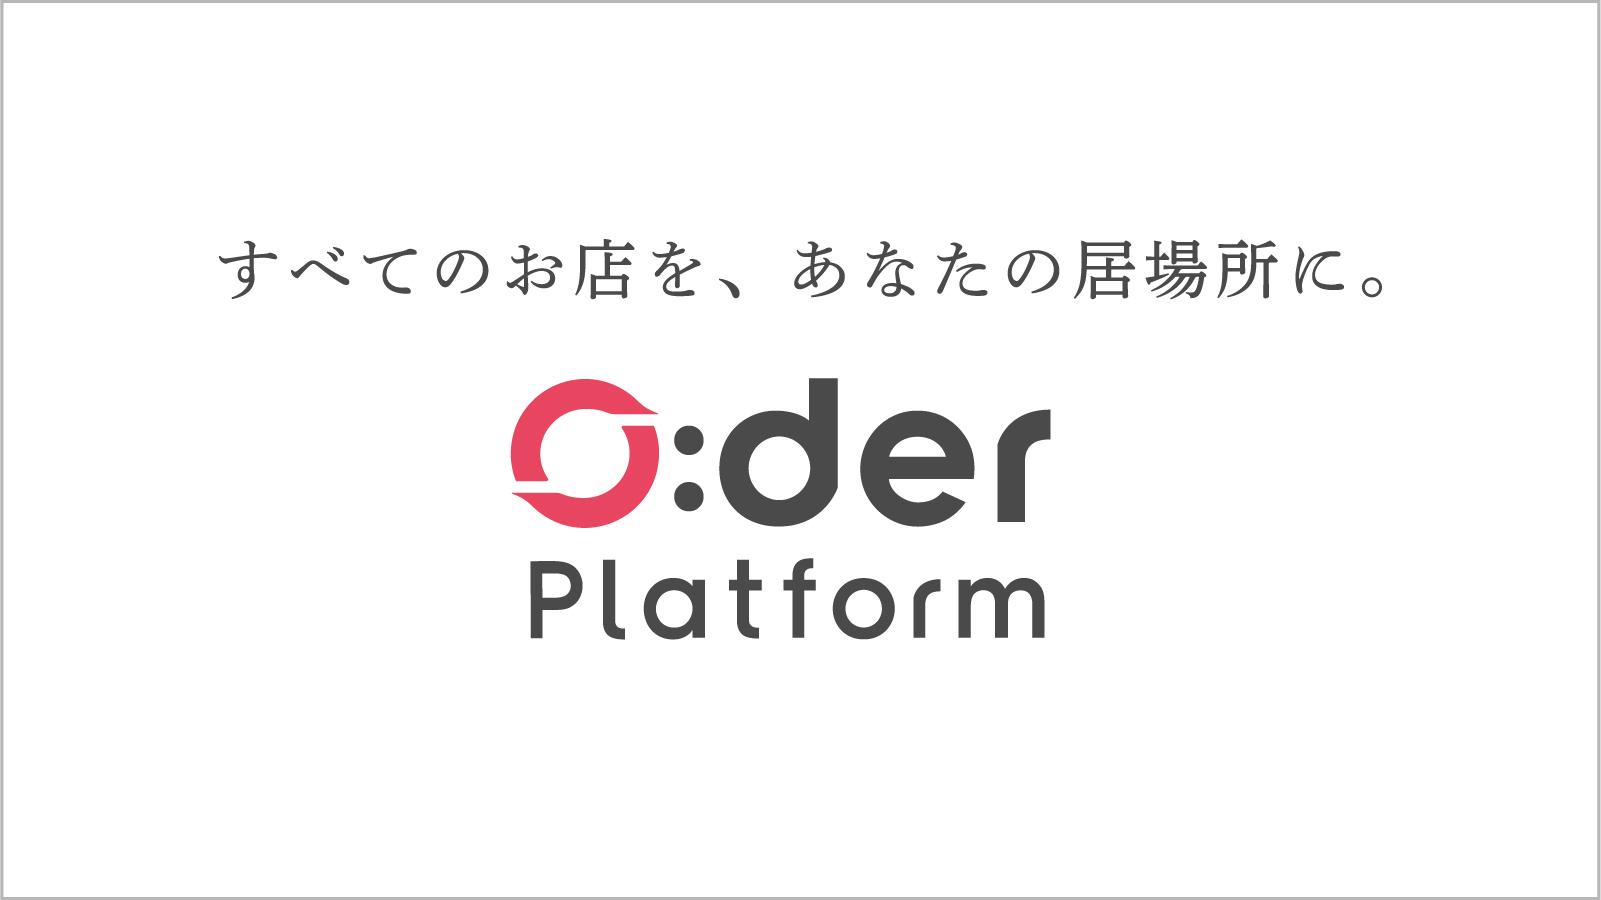 株式会社Showcase Gigが提供するモバイルオーダープラットフォーム「O:der Platform」